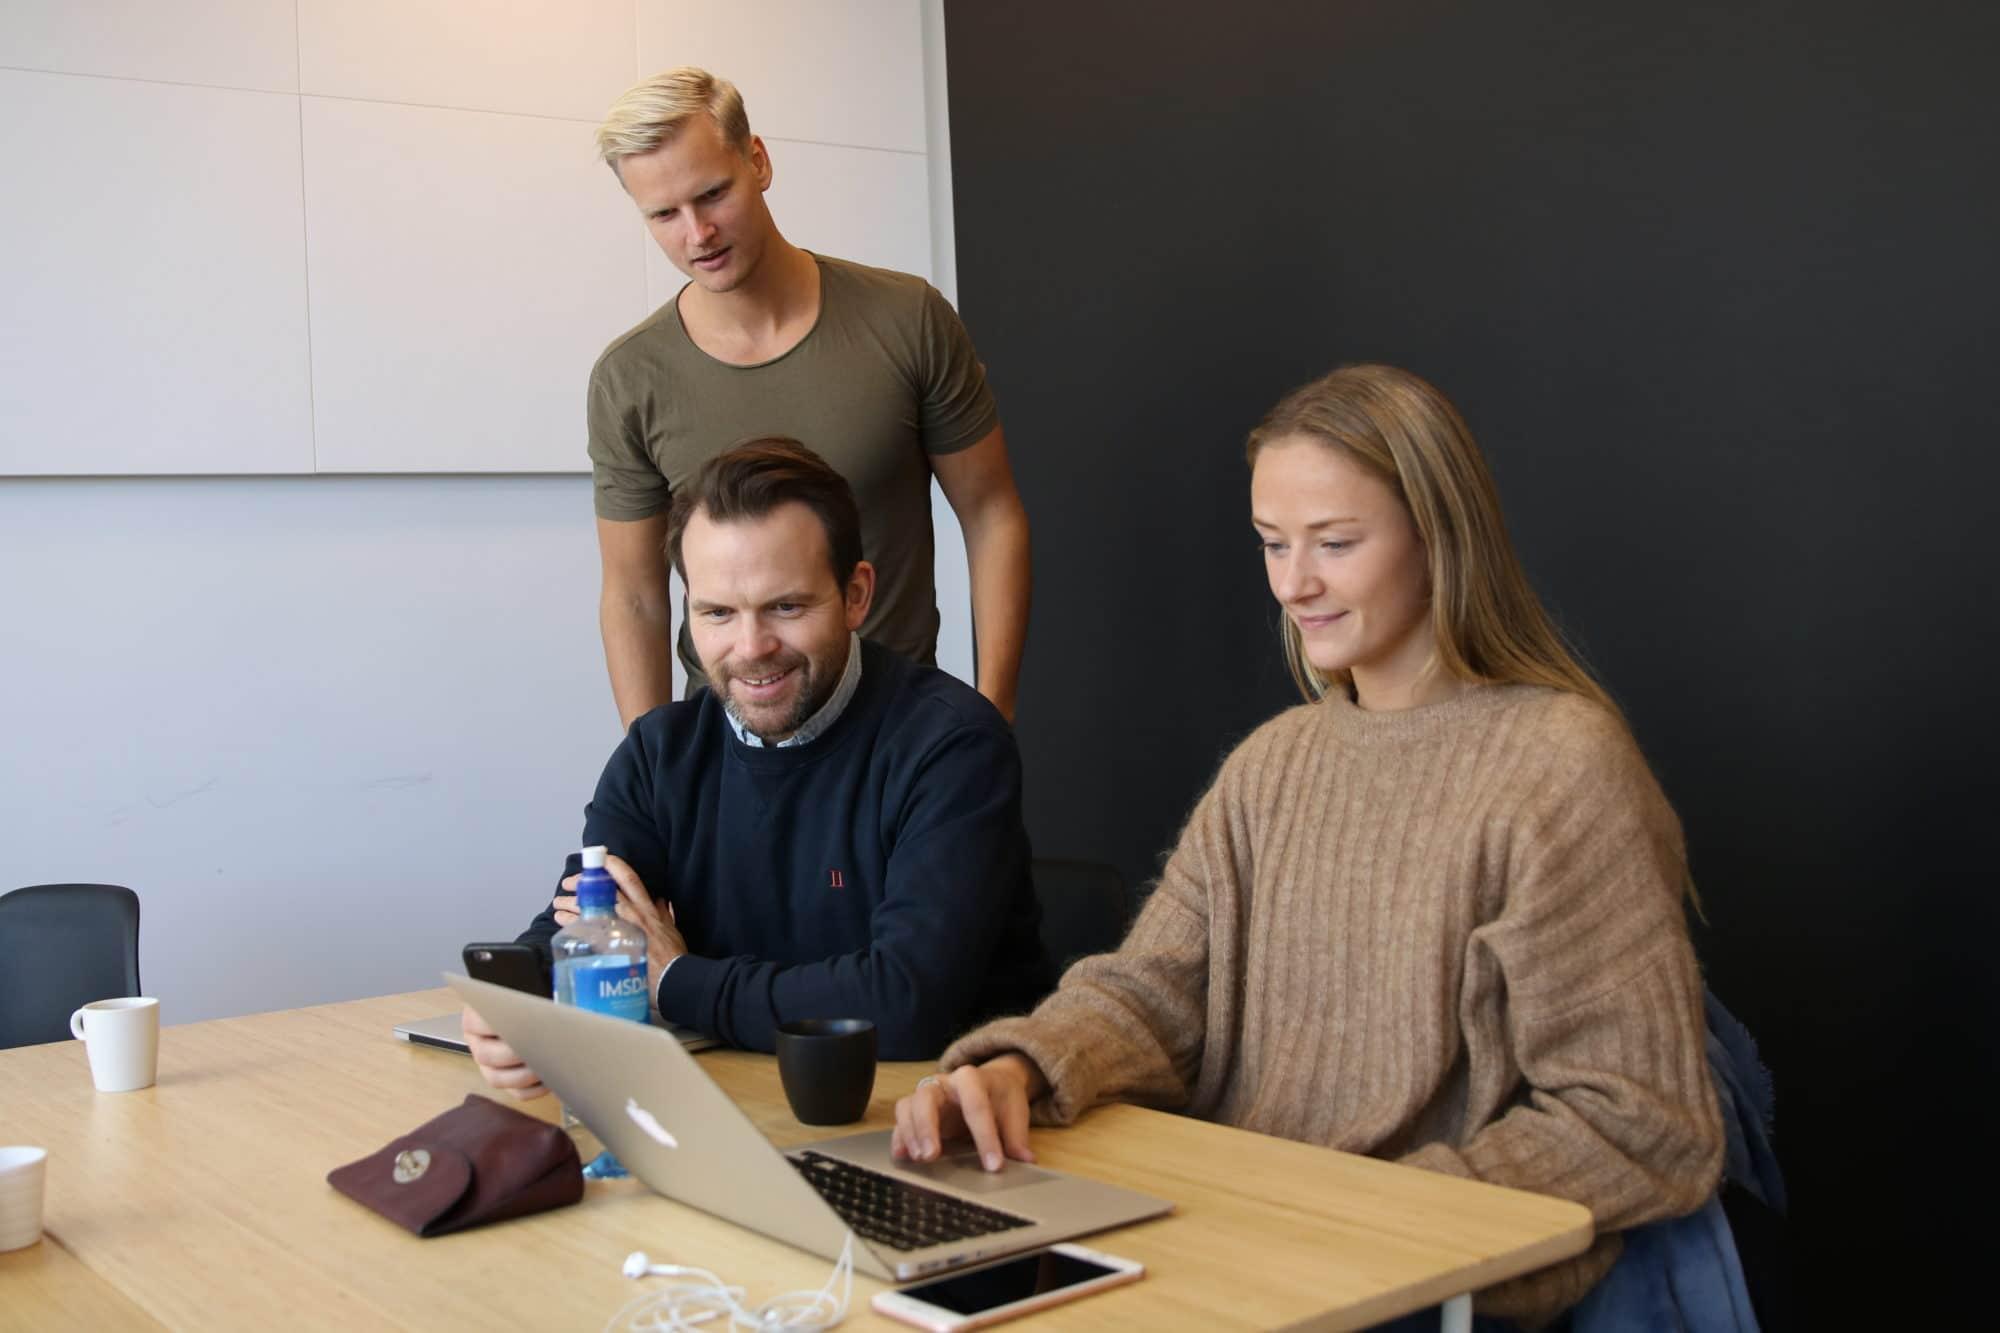 Tre unge mennesker i samtale rundt en laptop